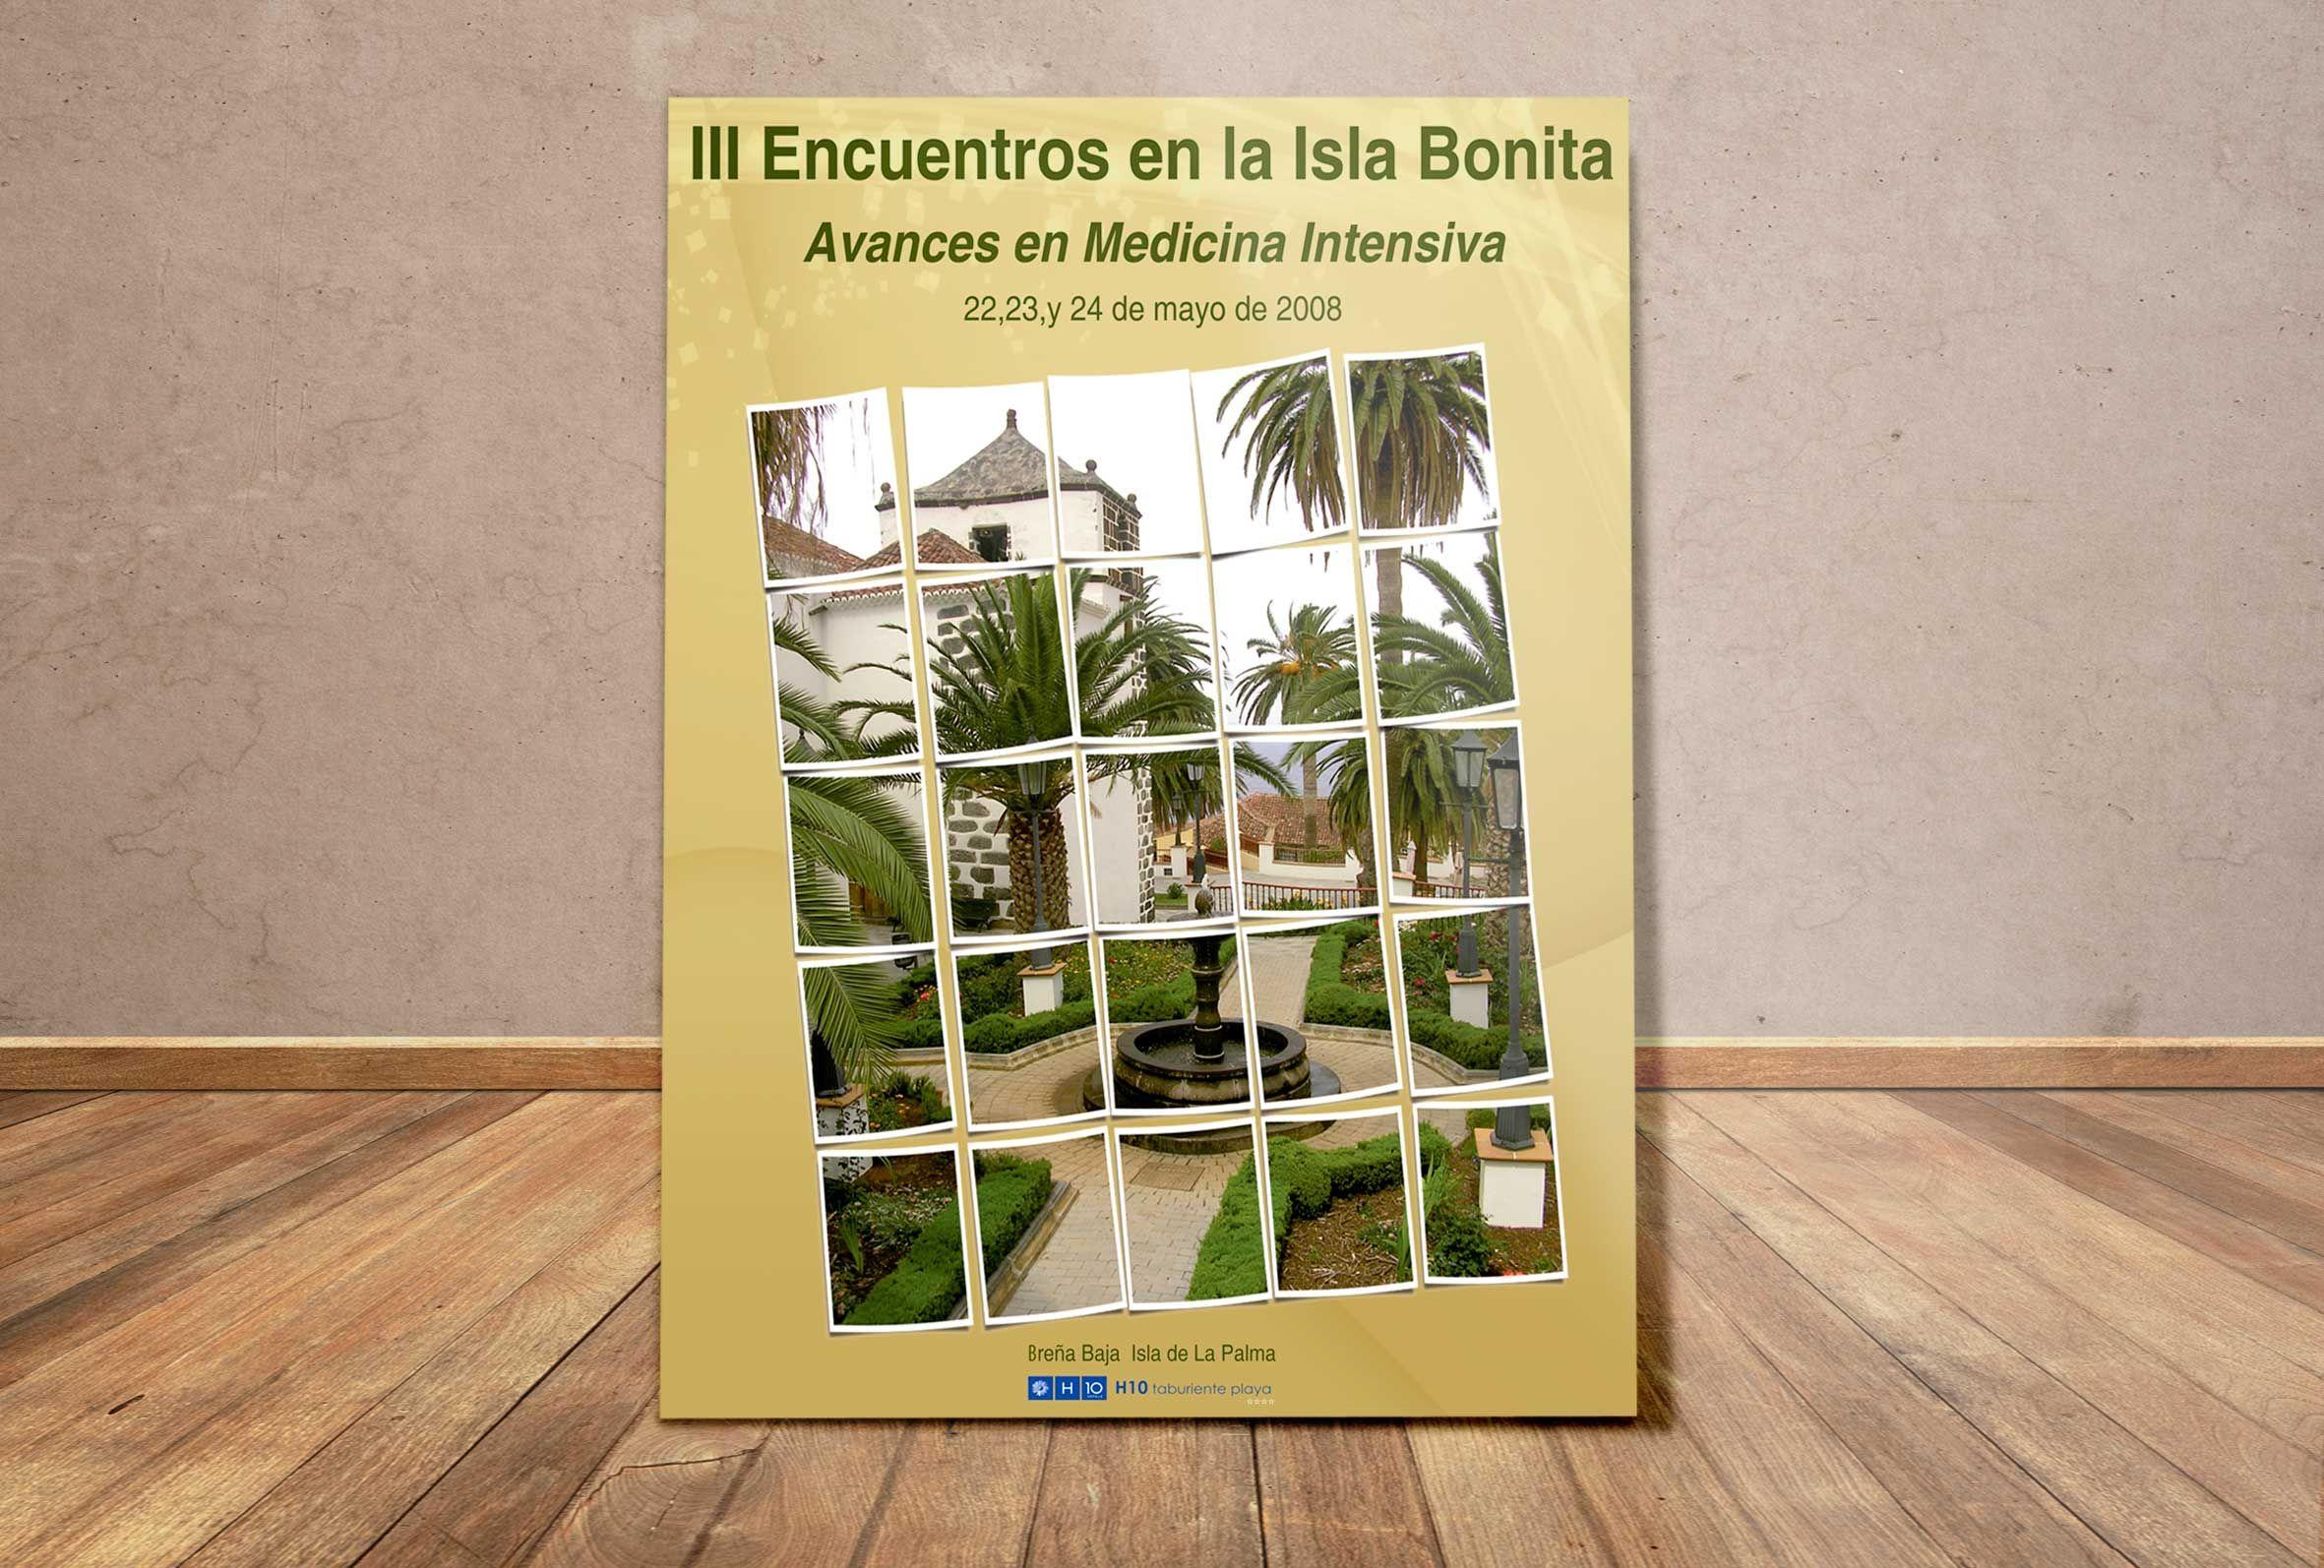 Diseño de cartel para el III Congreso de Medicina Intensiva. La Palma